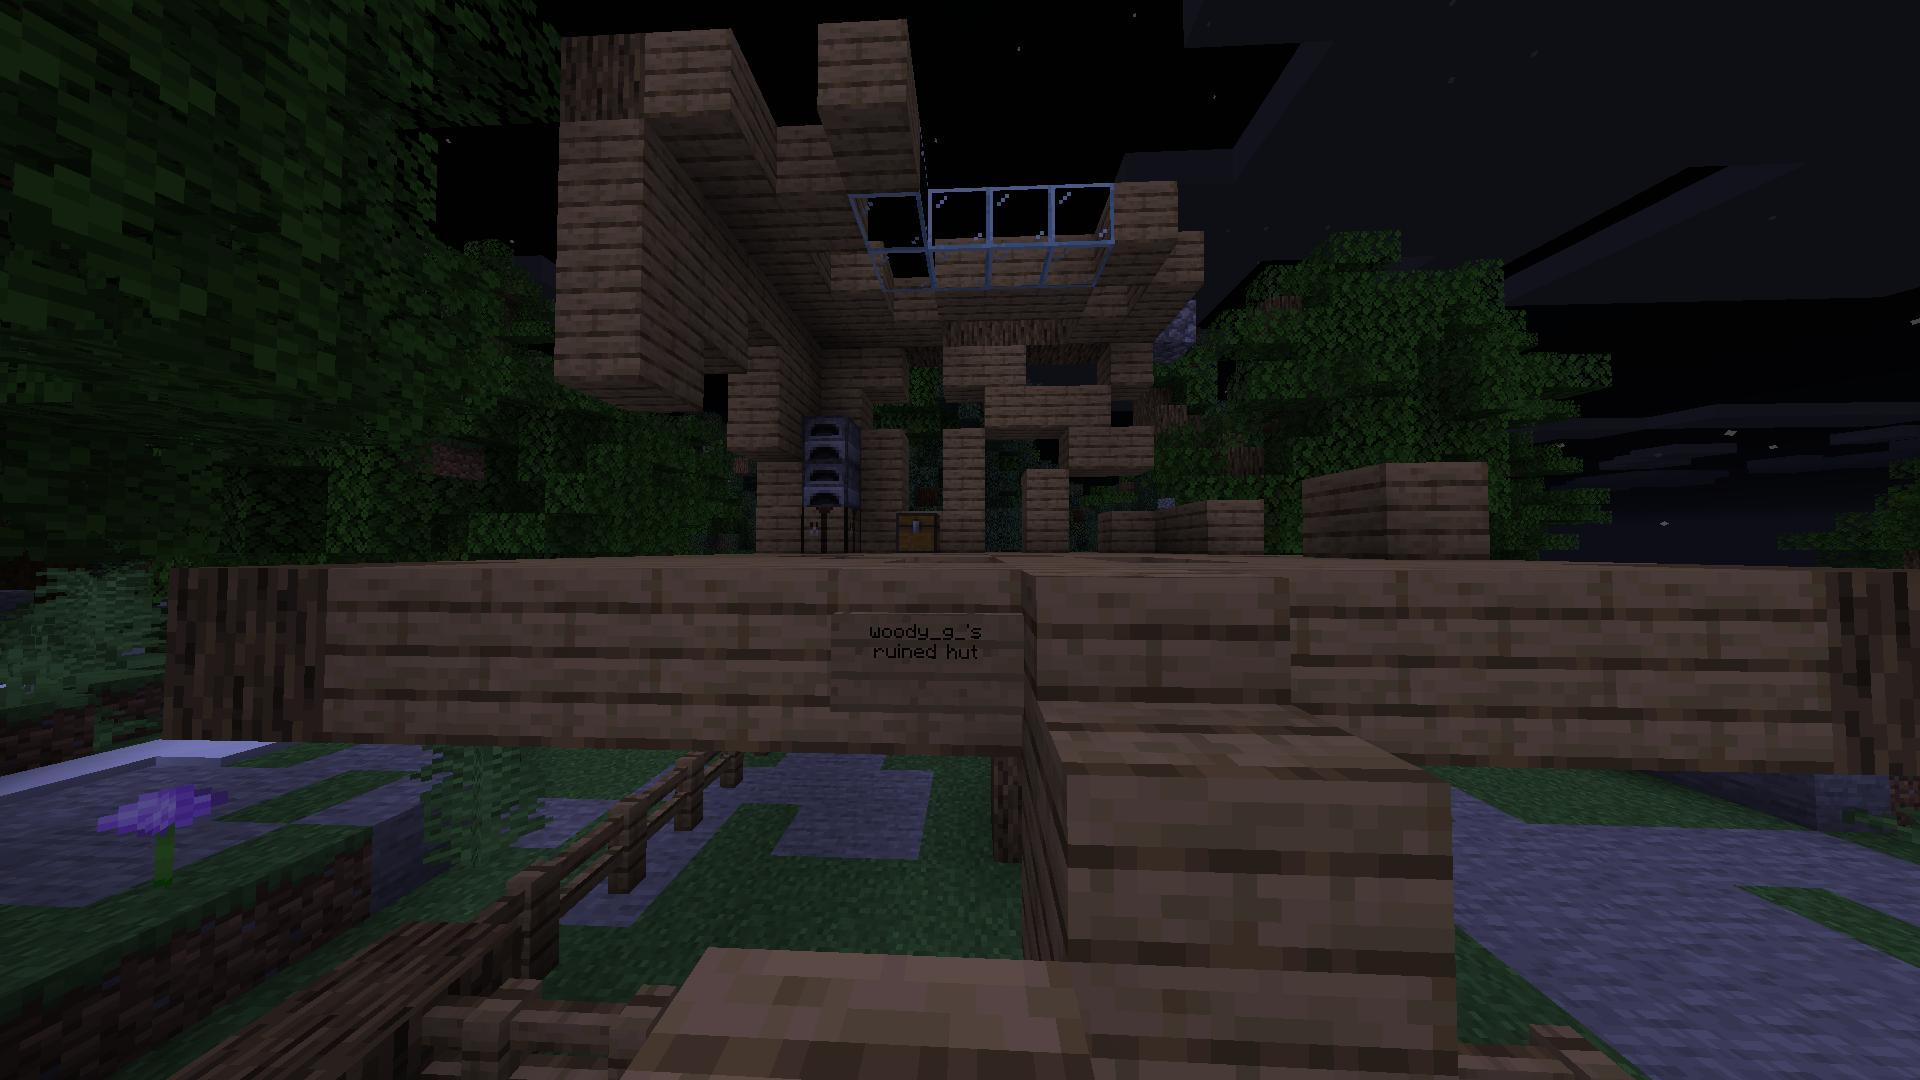 Woody g 's ruined hut